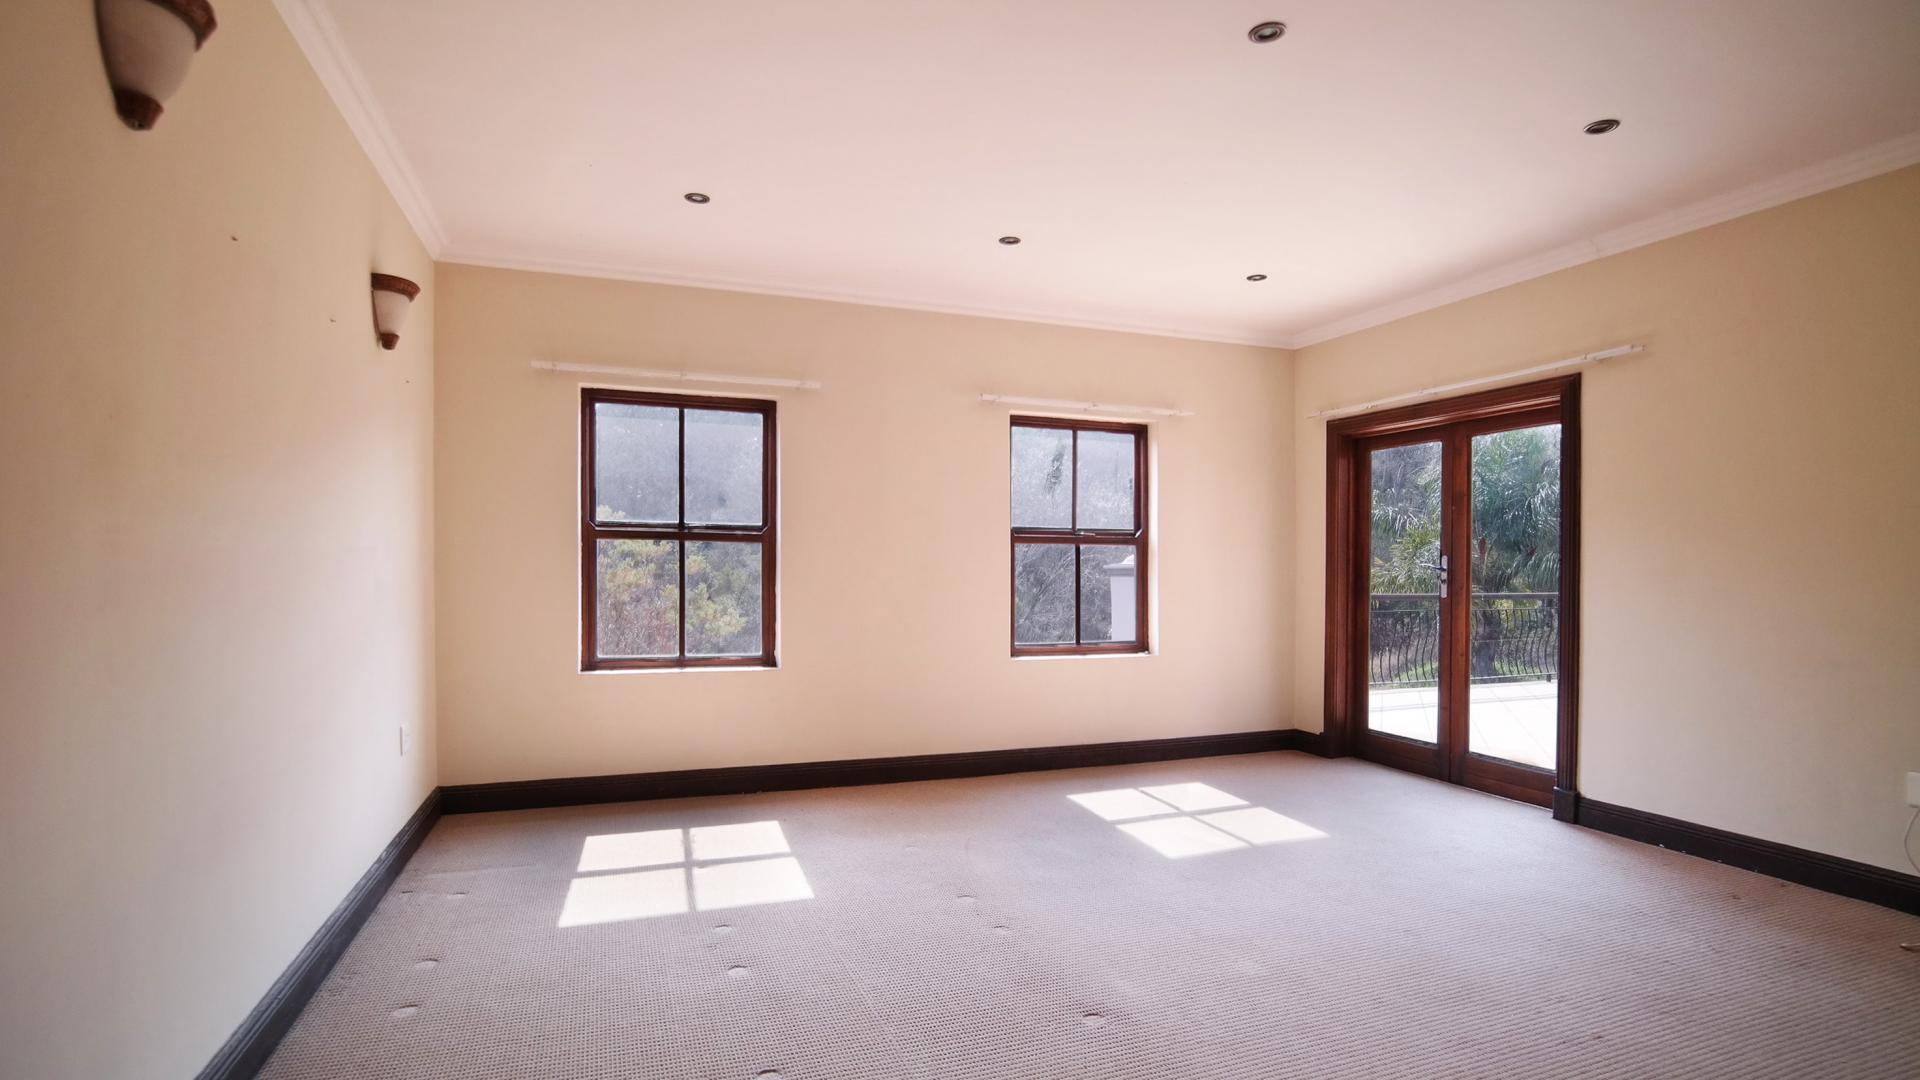 Spelling Manor Floor Plan 4 Bedroom House To Rent In Boardwalk Manor Estate